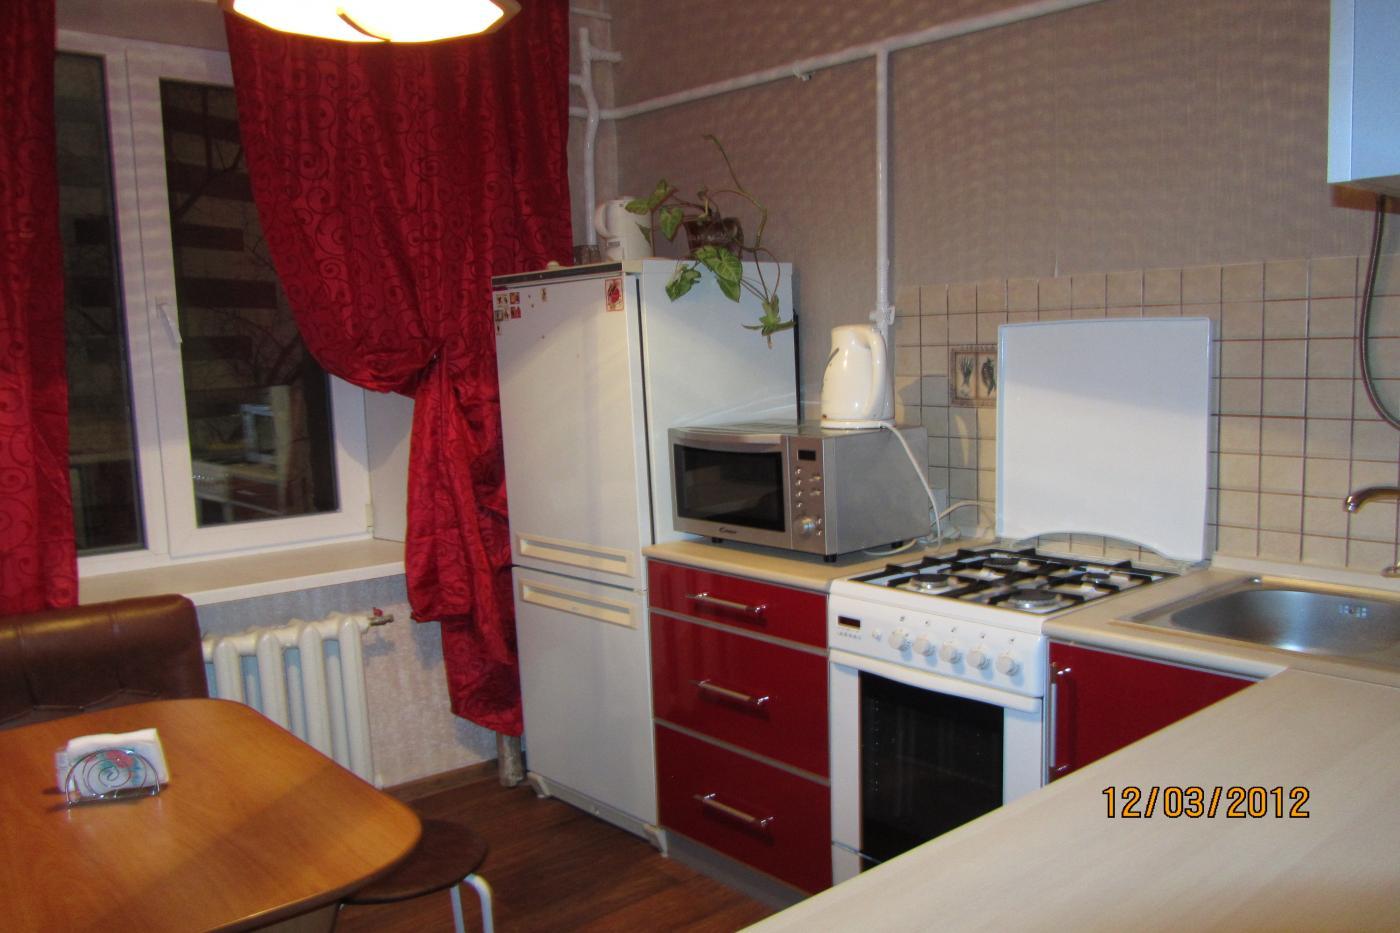 2-комнатная квартира посуточно (вариант № 2960), ул. Плехановская улица, фото № 8